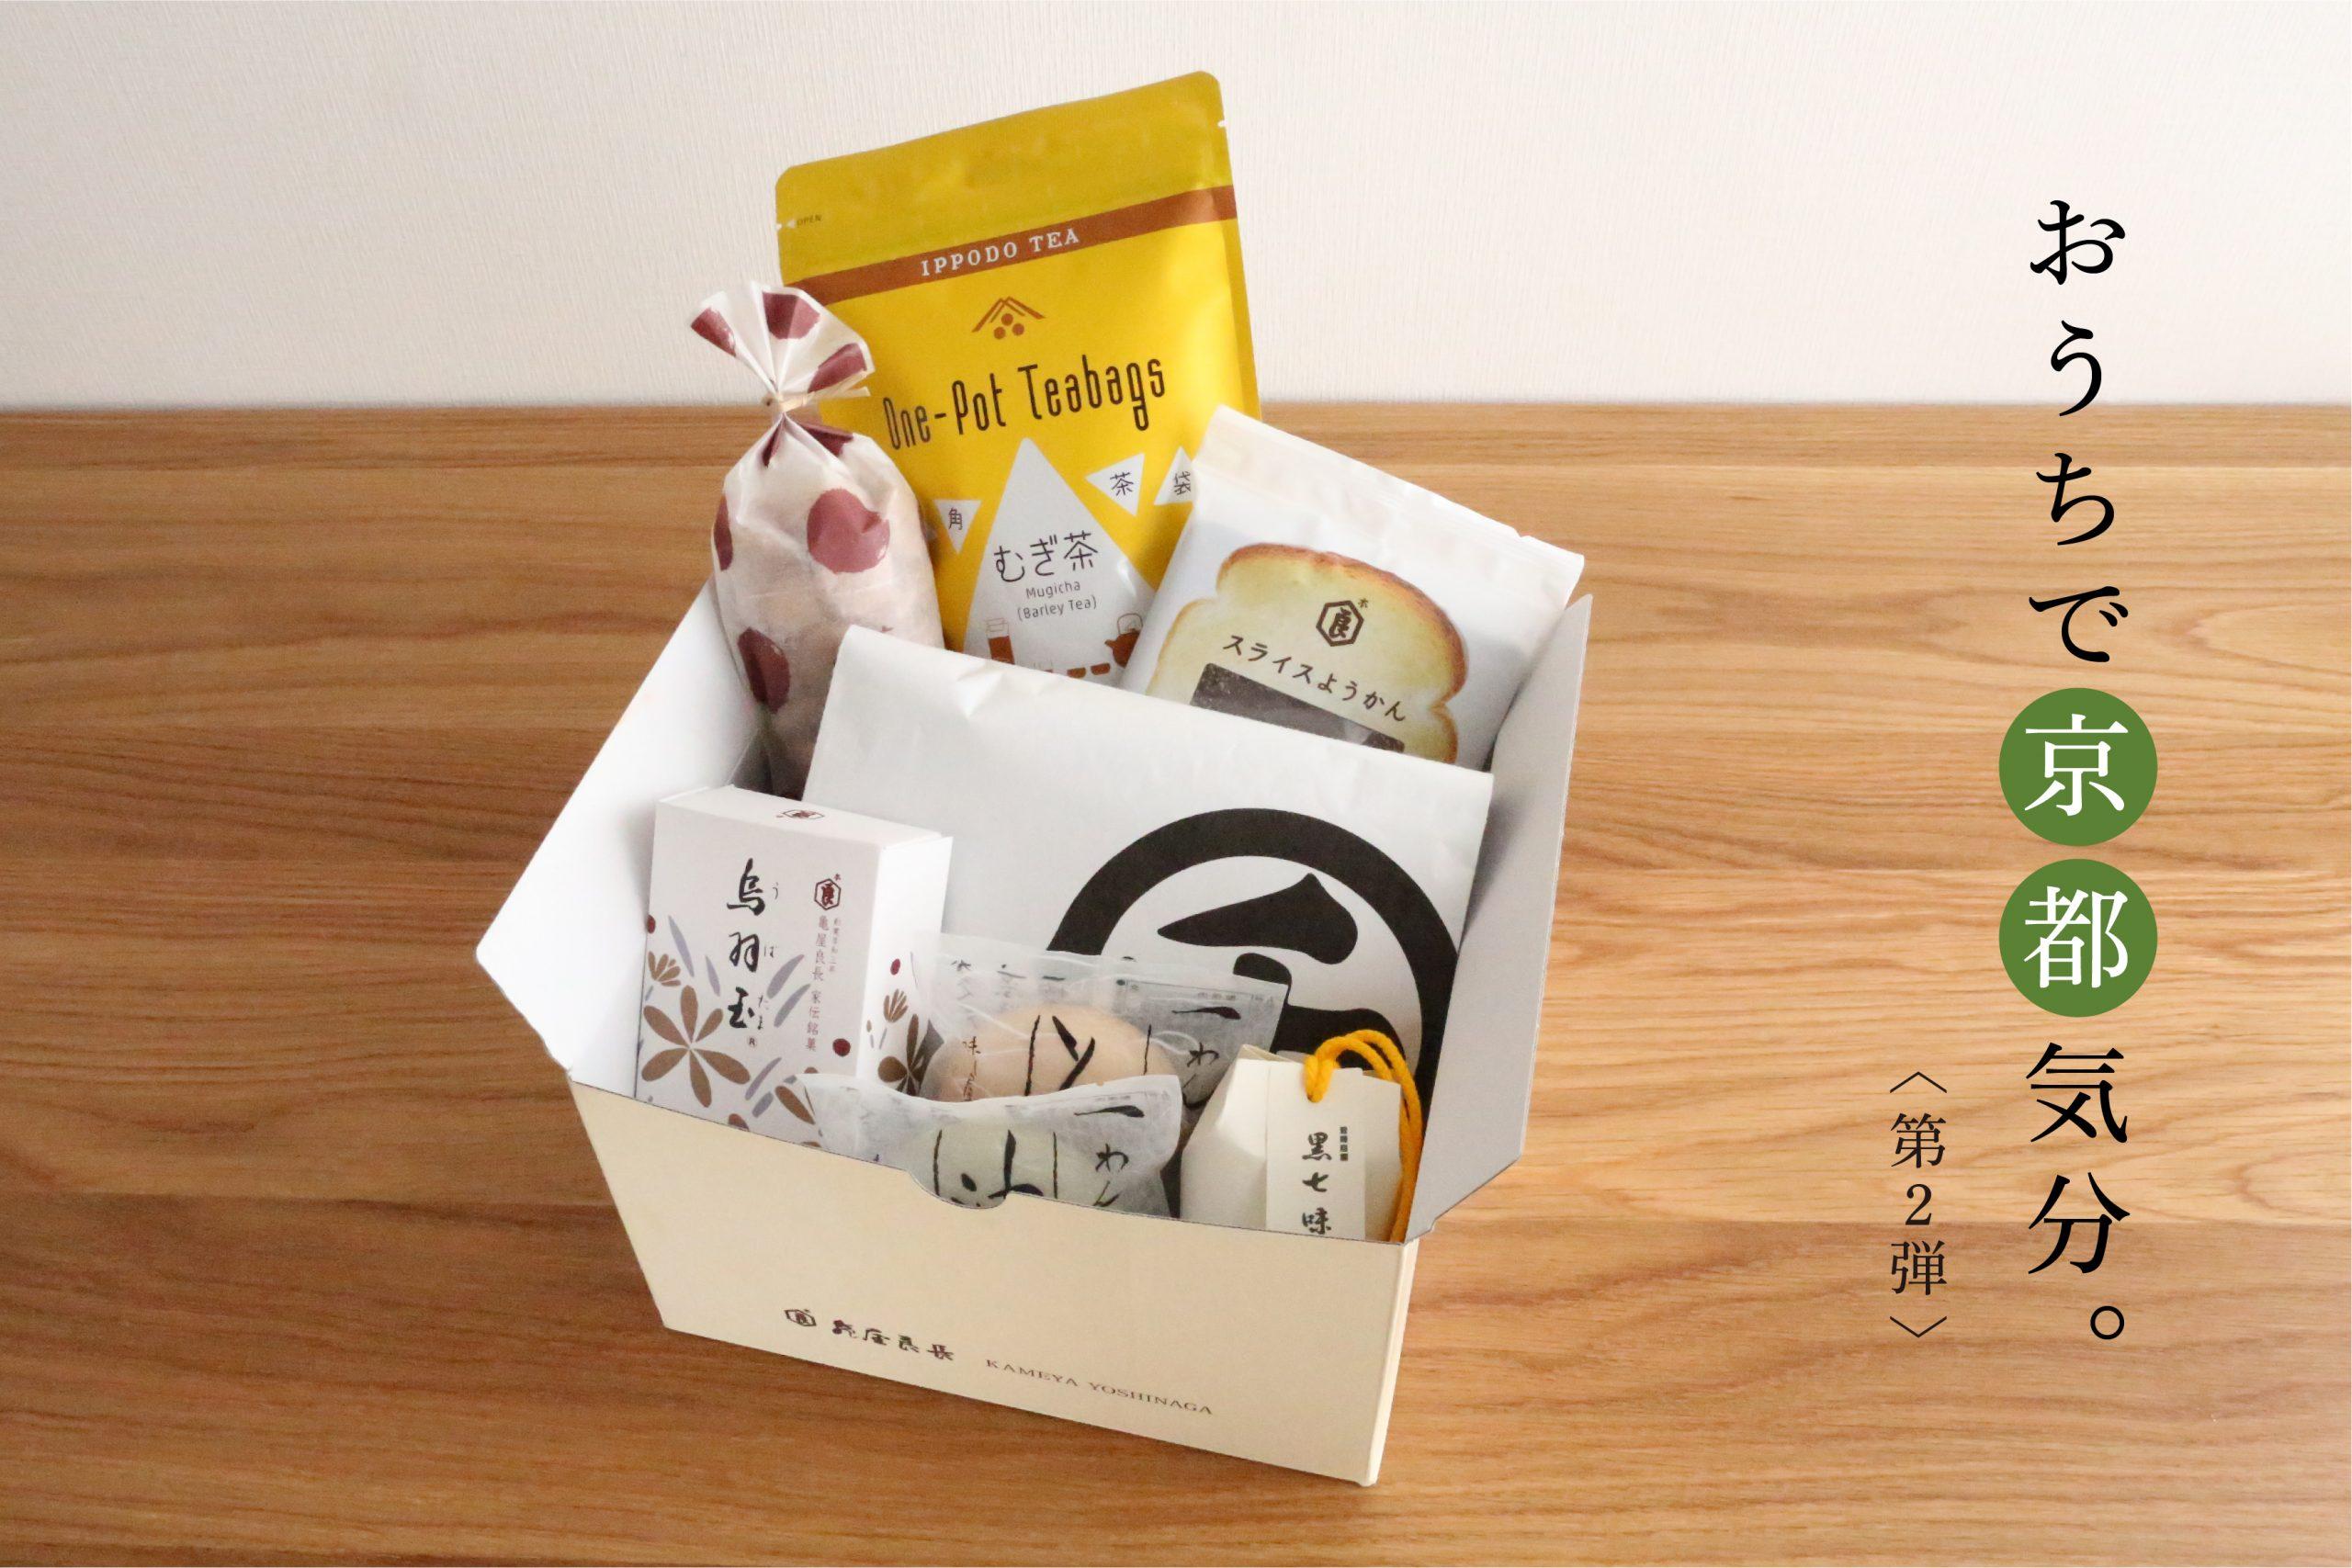 """京の各老舗の""""おいしい""""を詰め合わせに 調味料から和菓子まで、湯葉の炊き込みご飯も手軽に"""